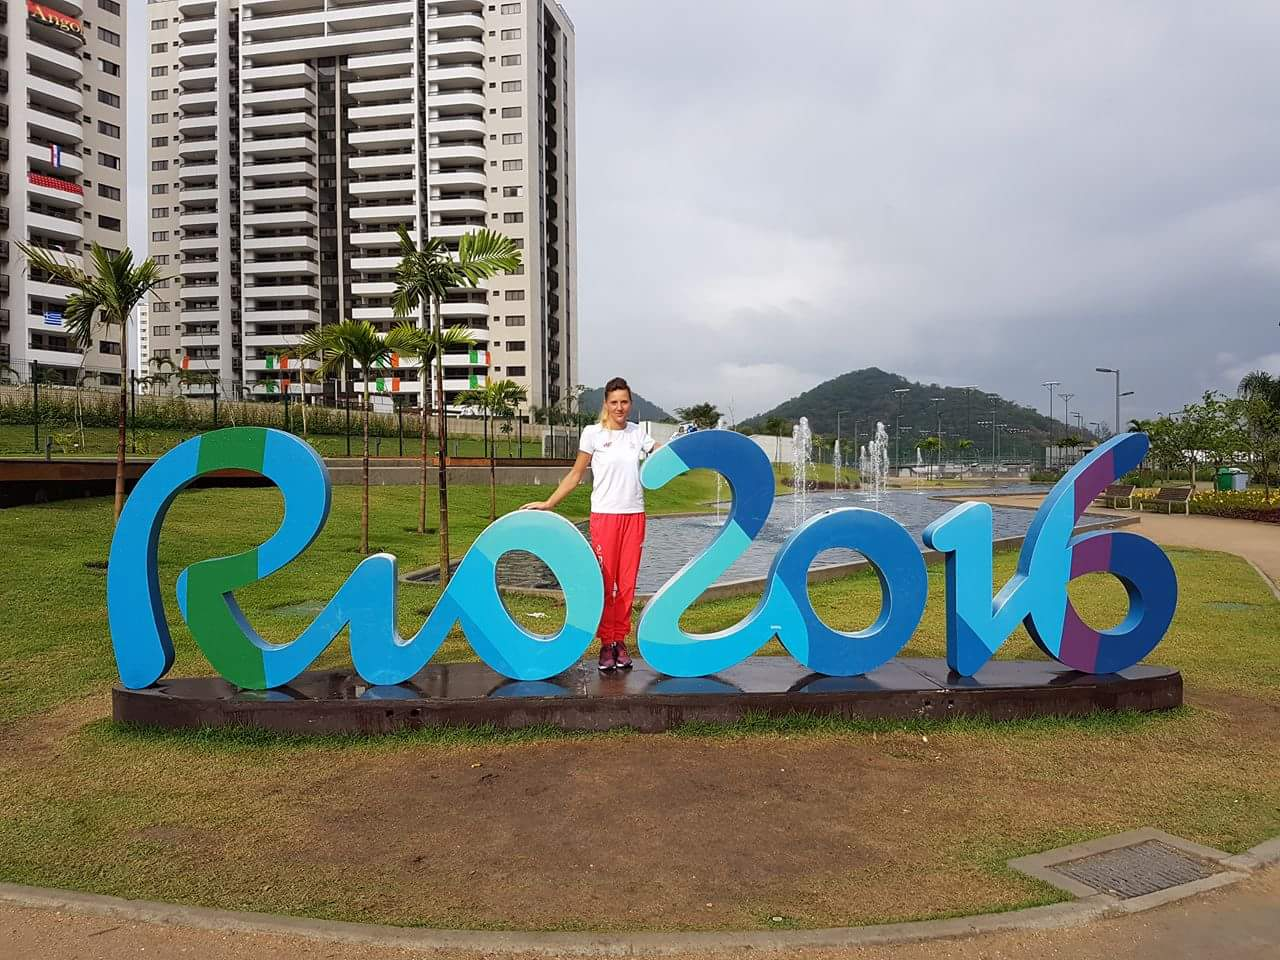 Pani Katarzyna Piekart przy niebieskim napisie Rio 2016, stojącym na ziemi. W tle widać wzniesienie i biały wieżowiec.